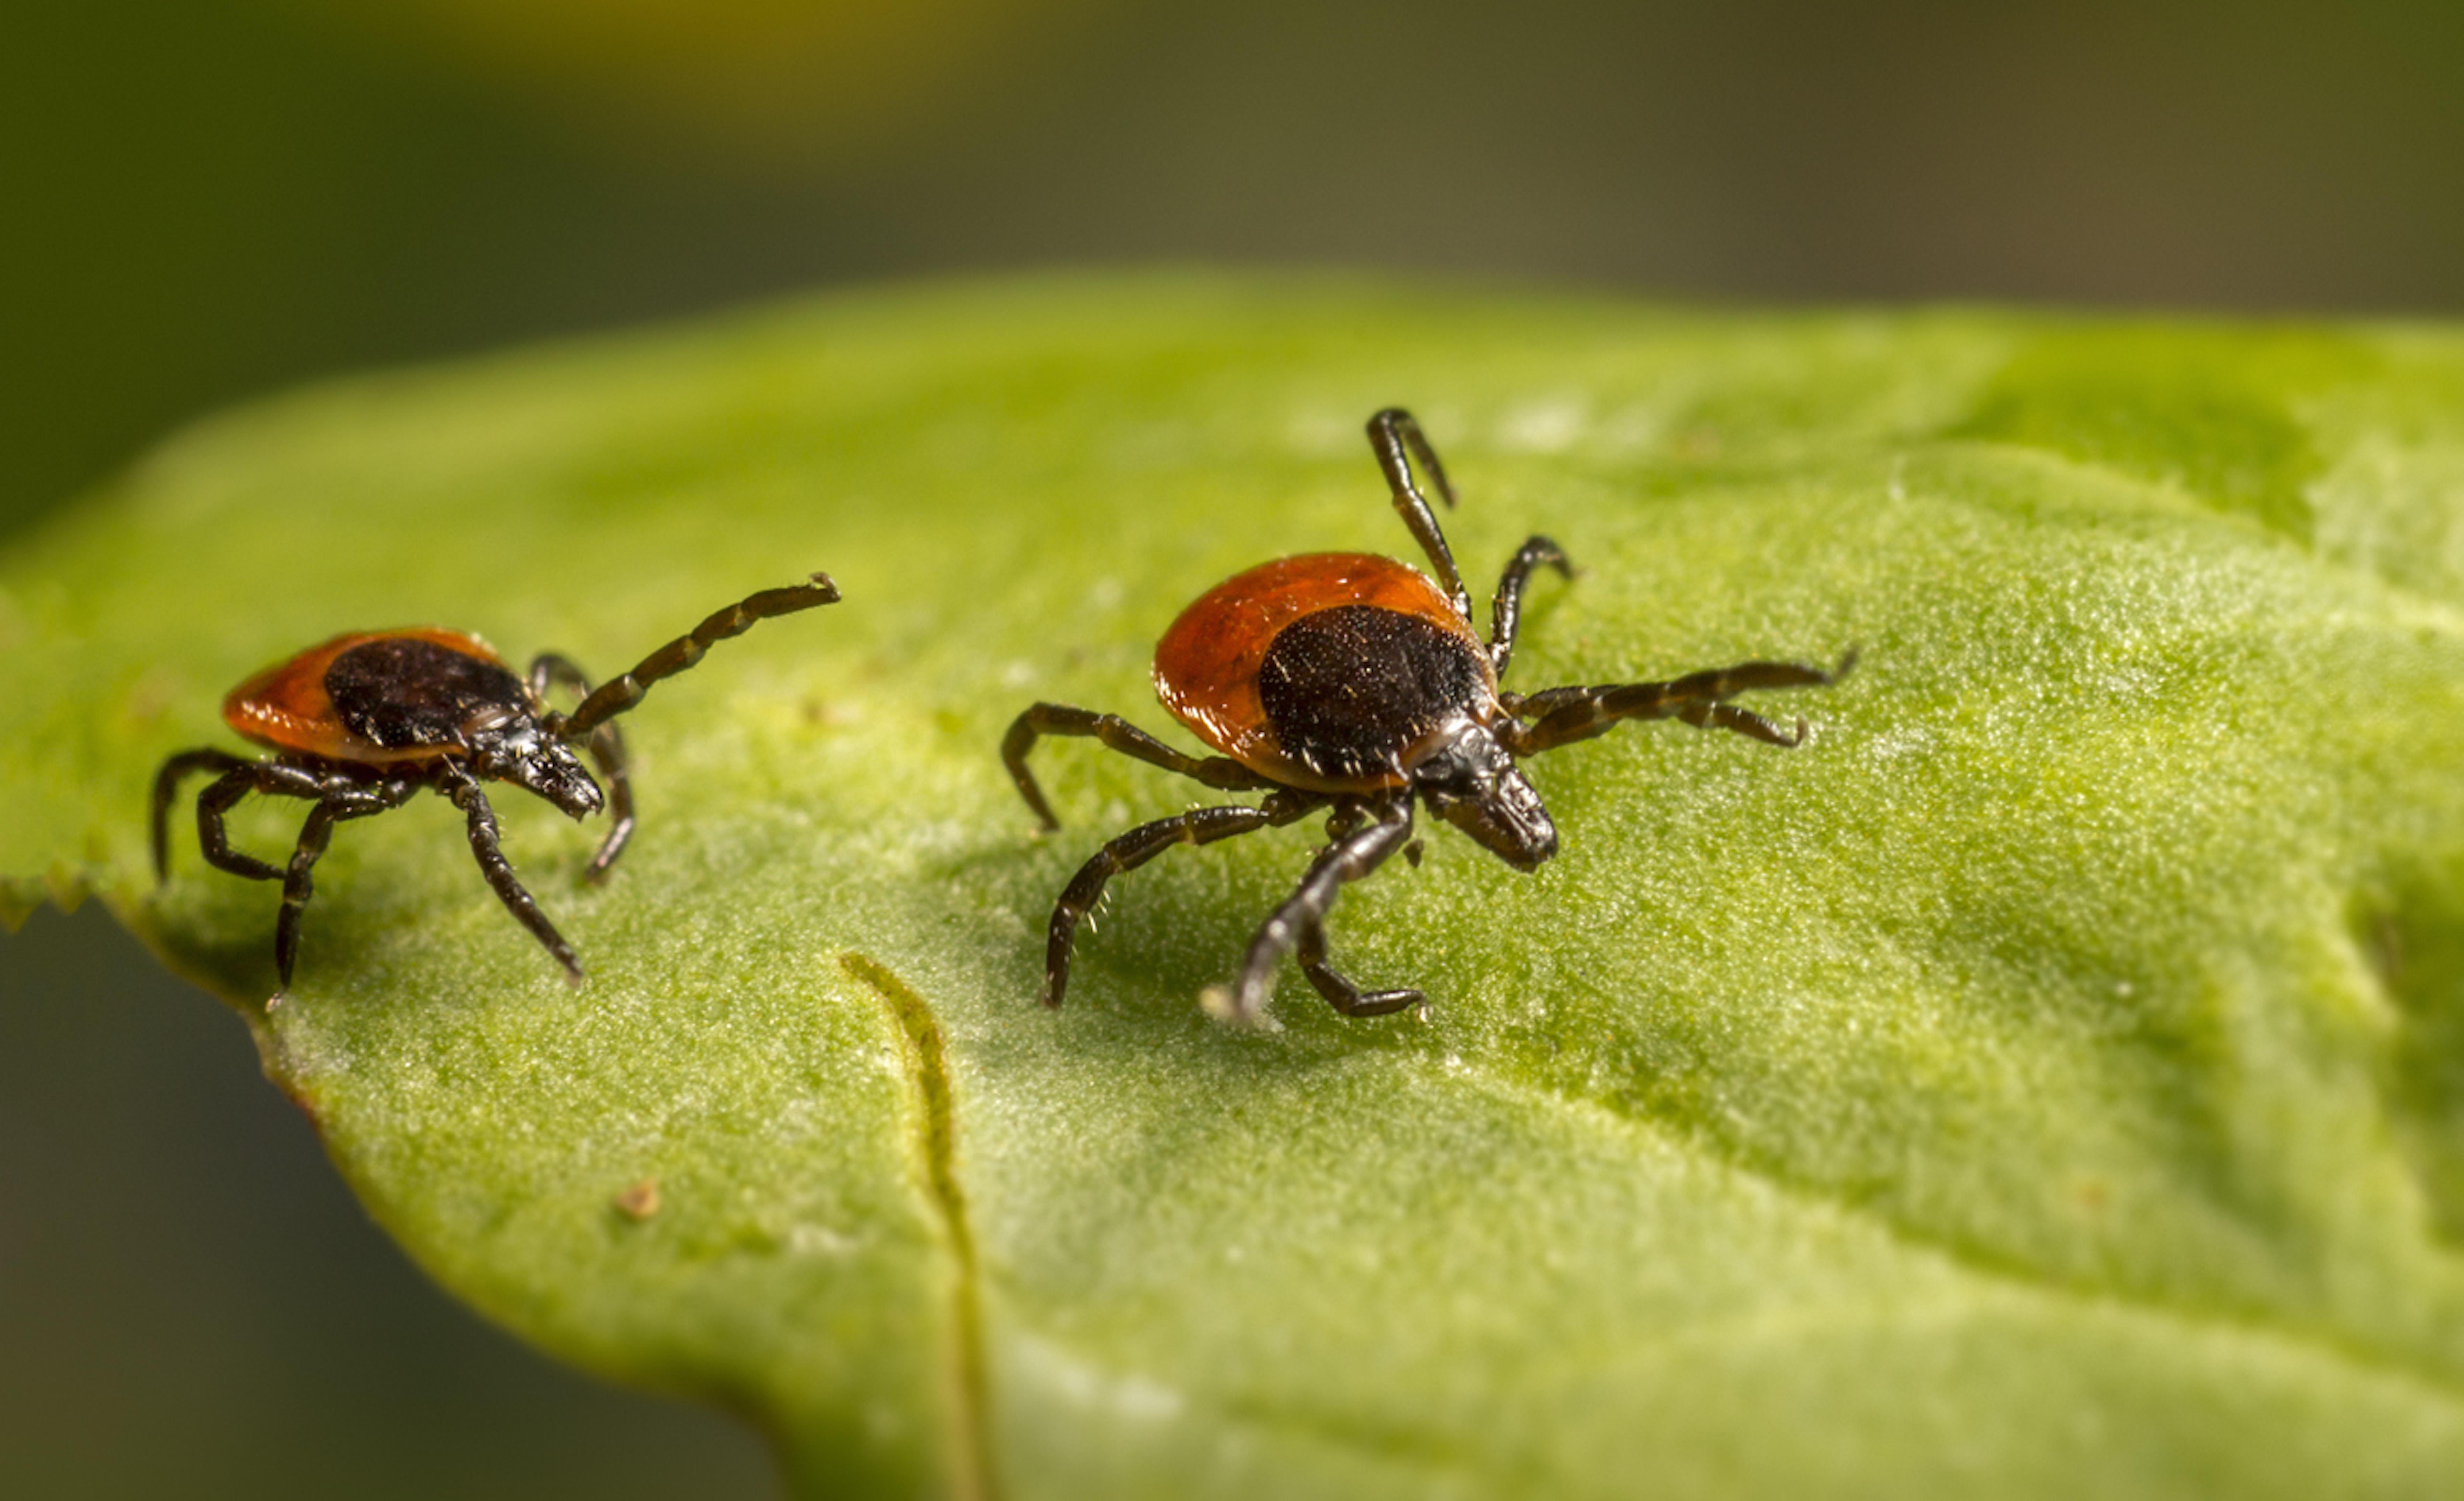 Maladie de Lyme : 80% des malades sous antibiotiques pour rien